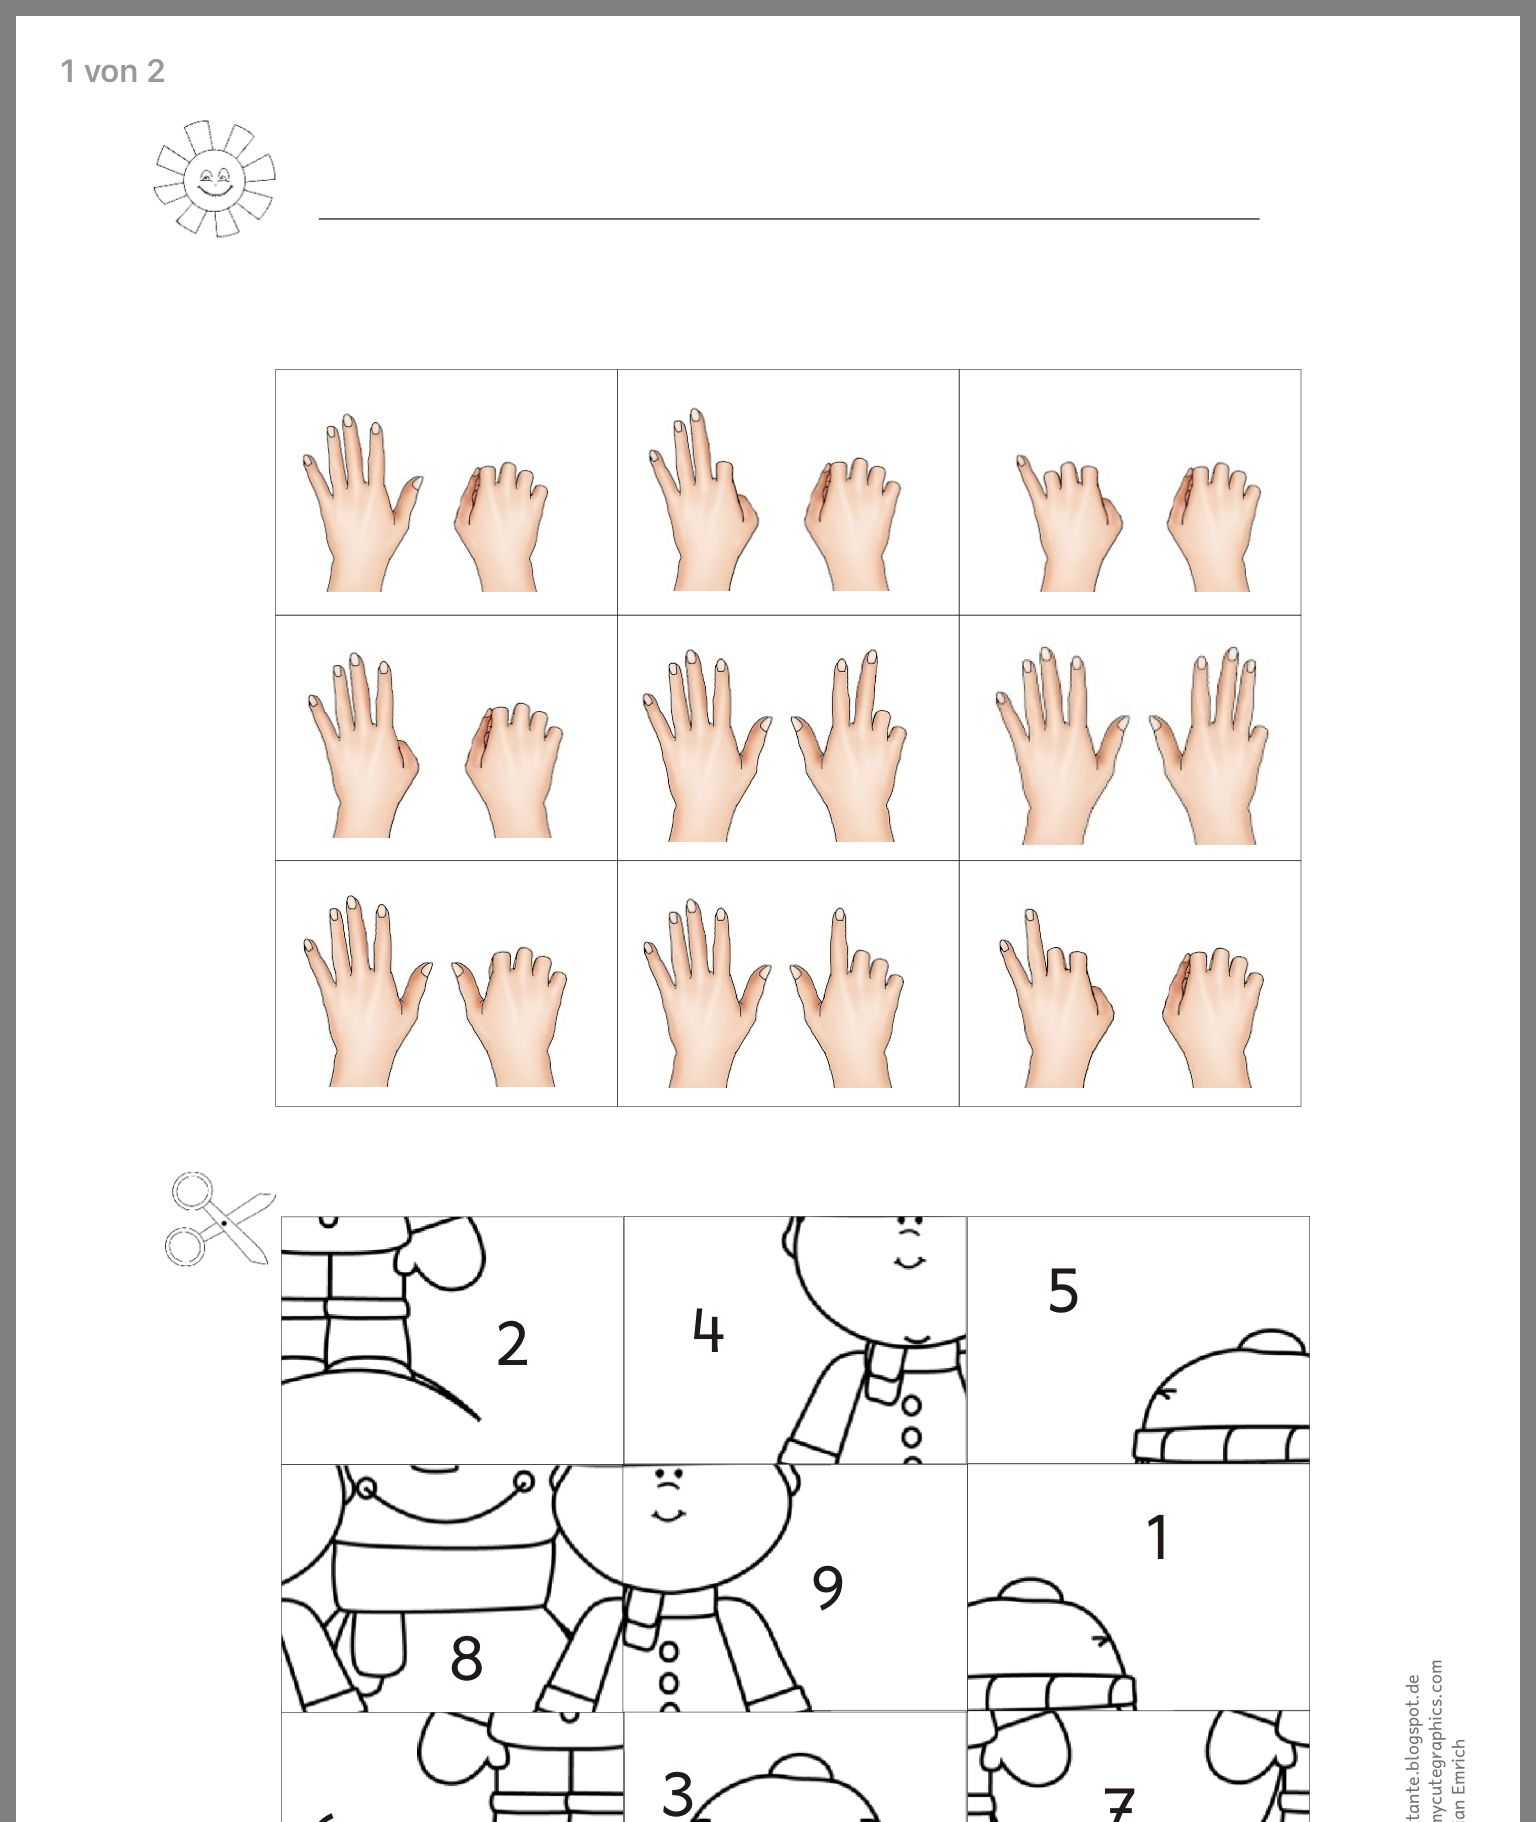 pin von simi auf unterrichtsmaterialien vorschule bungen mengenlehre und schulideen. Black Bedroom Furniture Sets. Home Design Ideas